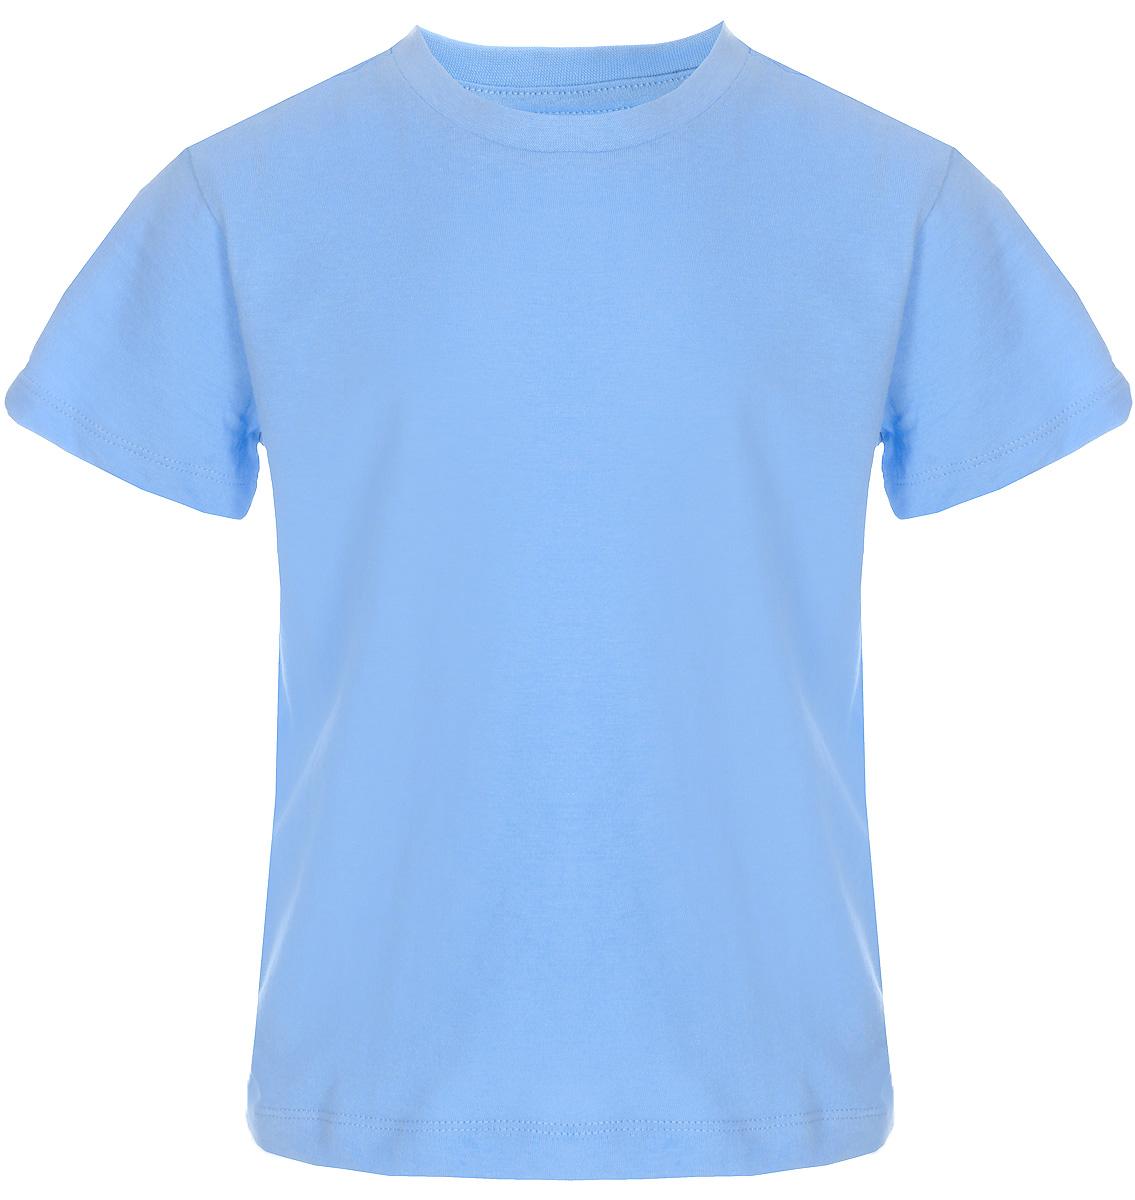 Футболка для мальчика Sela, цвет: голубой. Ts-711/533-8223. Размер 116Ts-711/533-8223Футболка для мальчика Sela выполнена из натурального хлопка. Модель с круглым вырезом горловины и короткими рукавами.